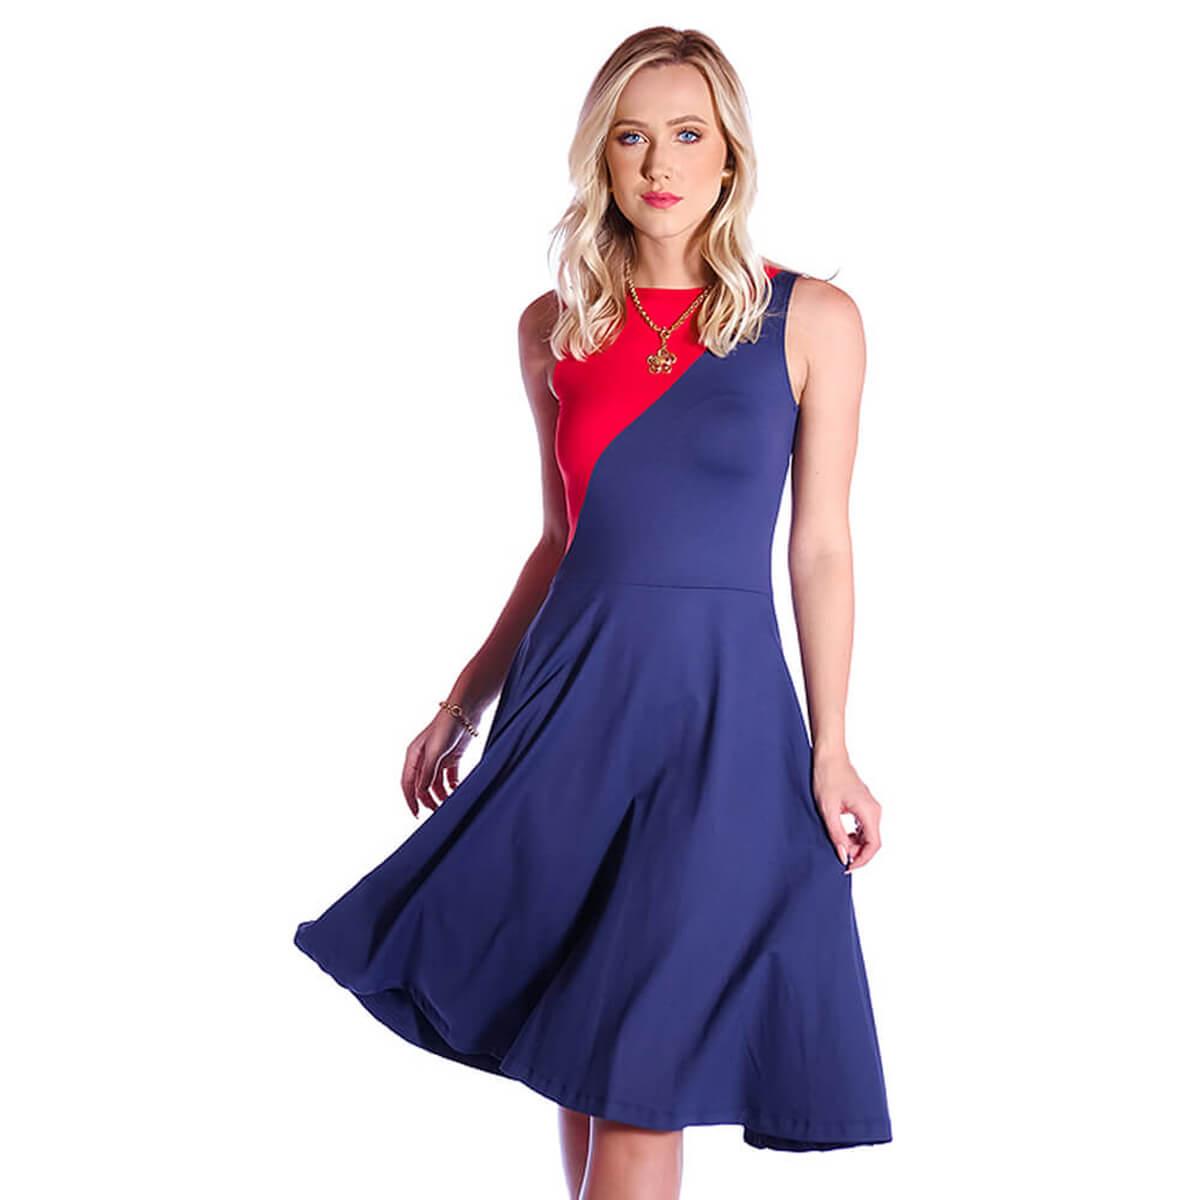 Vestido Duas Cores FICALINDA Azul Marinho e Vermelho Regata Decote Canoa